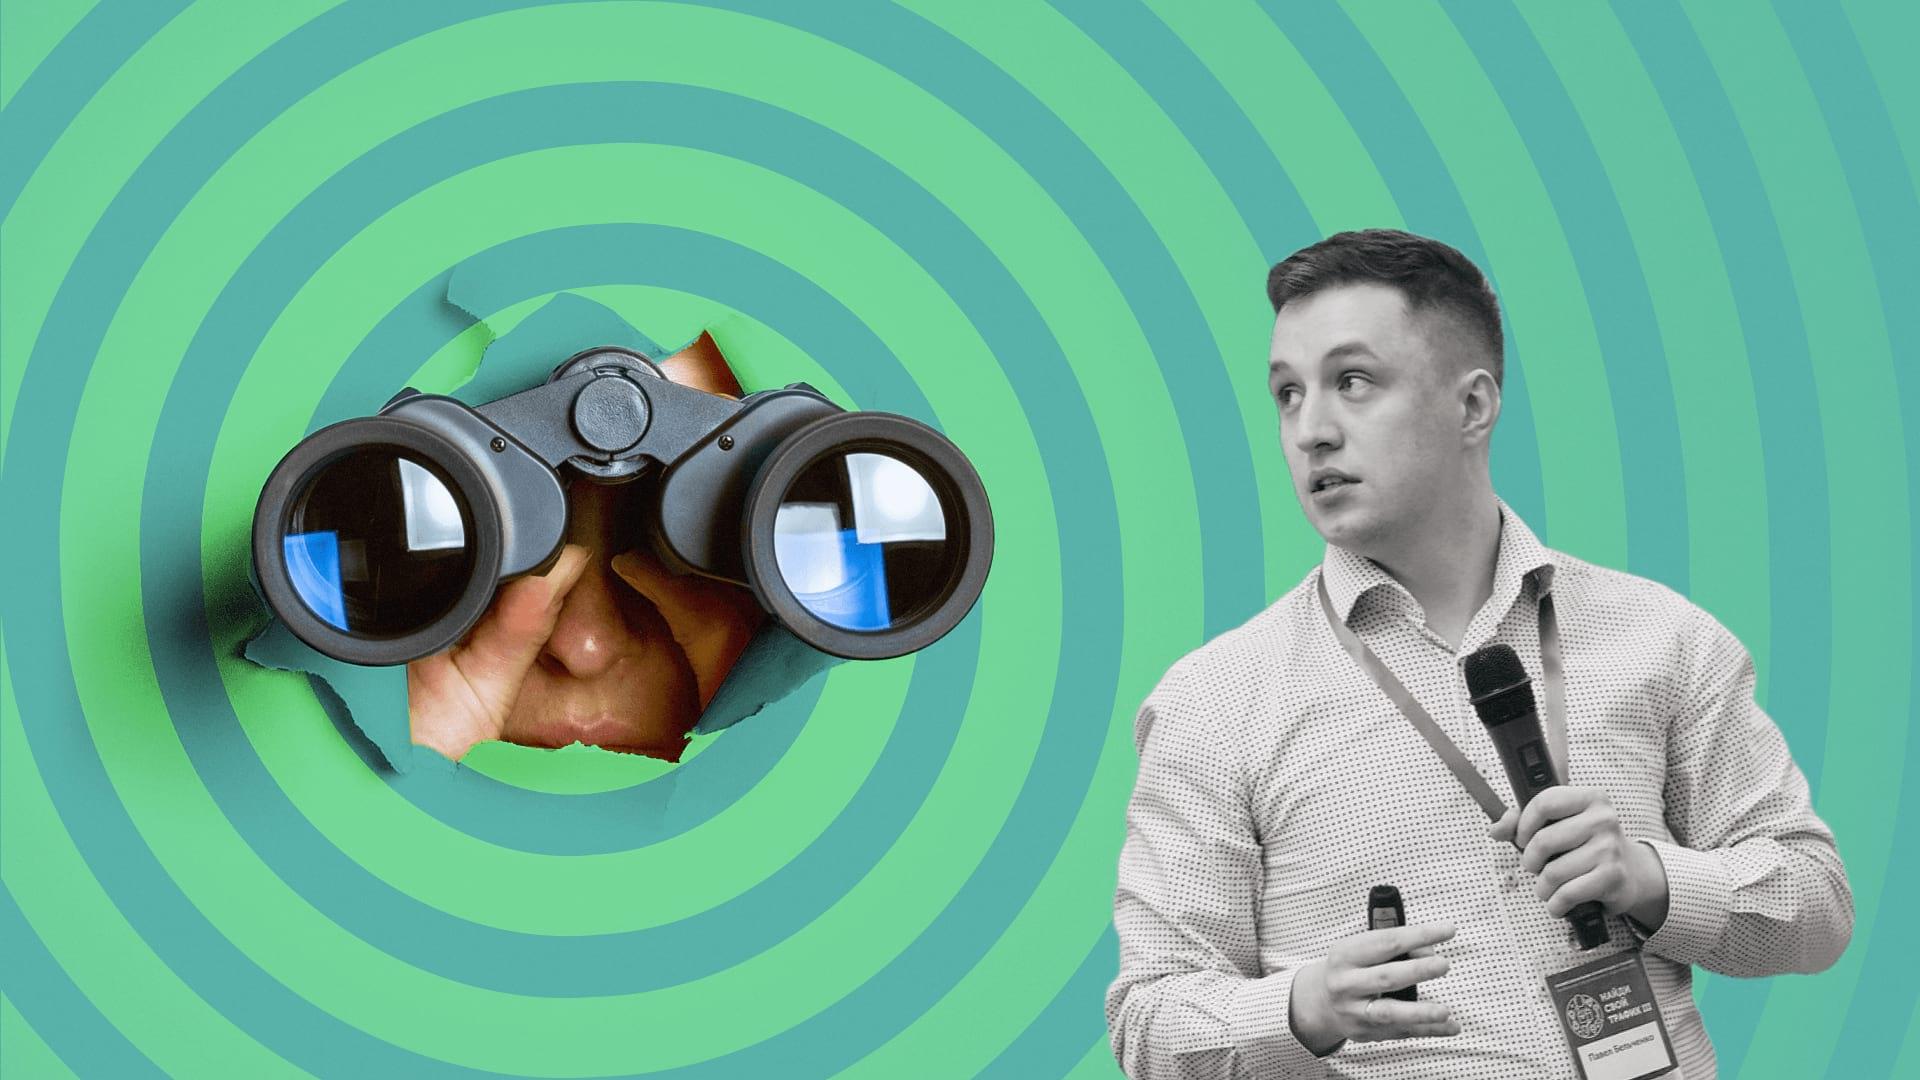 Как найти конкурентов в таргете и настроить рекламу на их аудиторию — интервью с таргетологом Павлом Бельченко